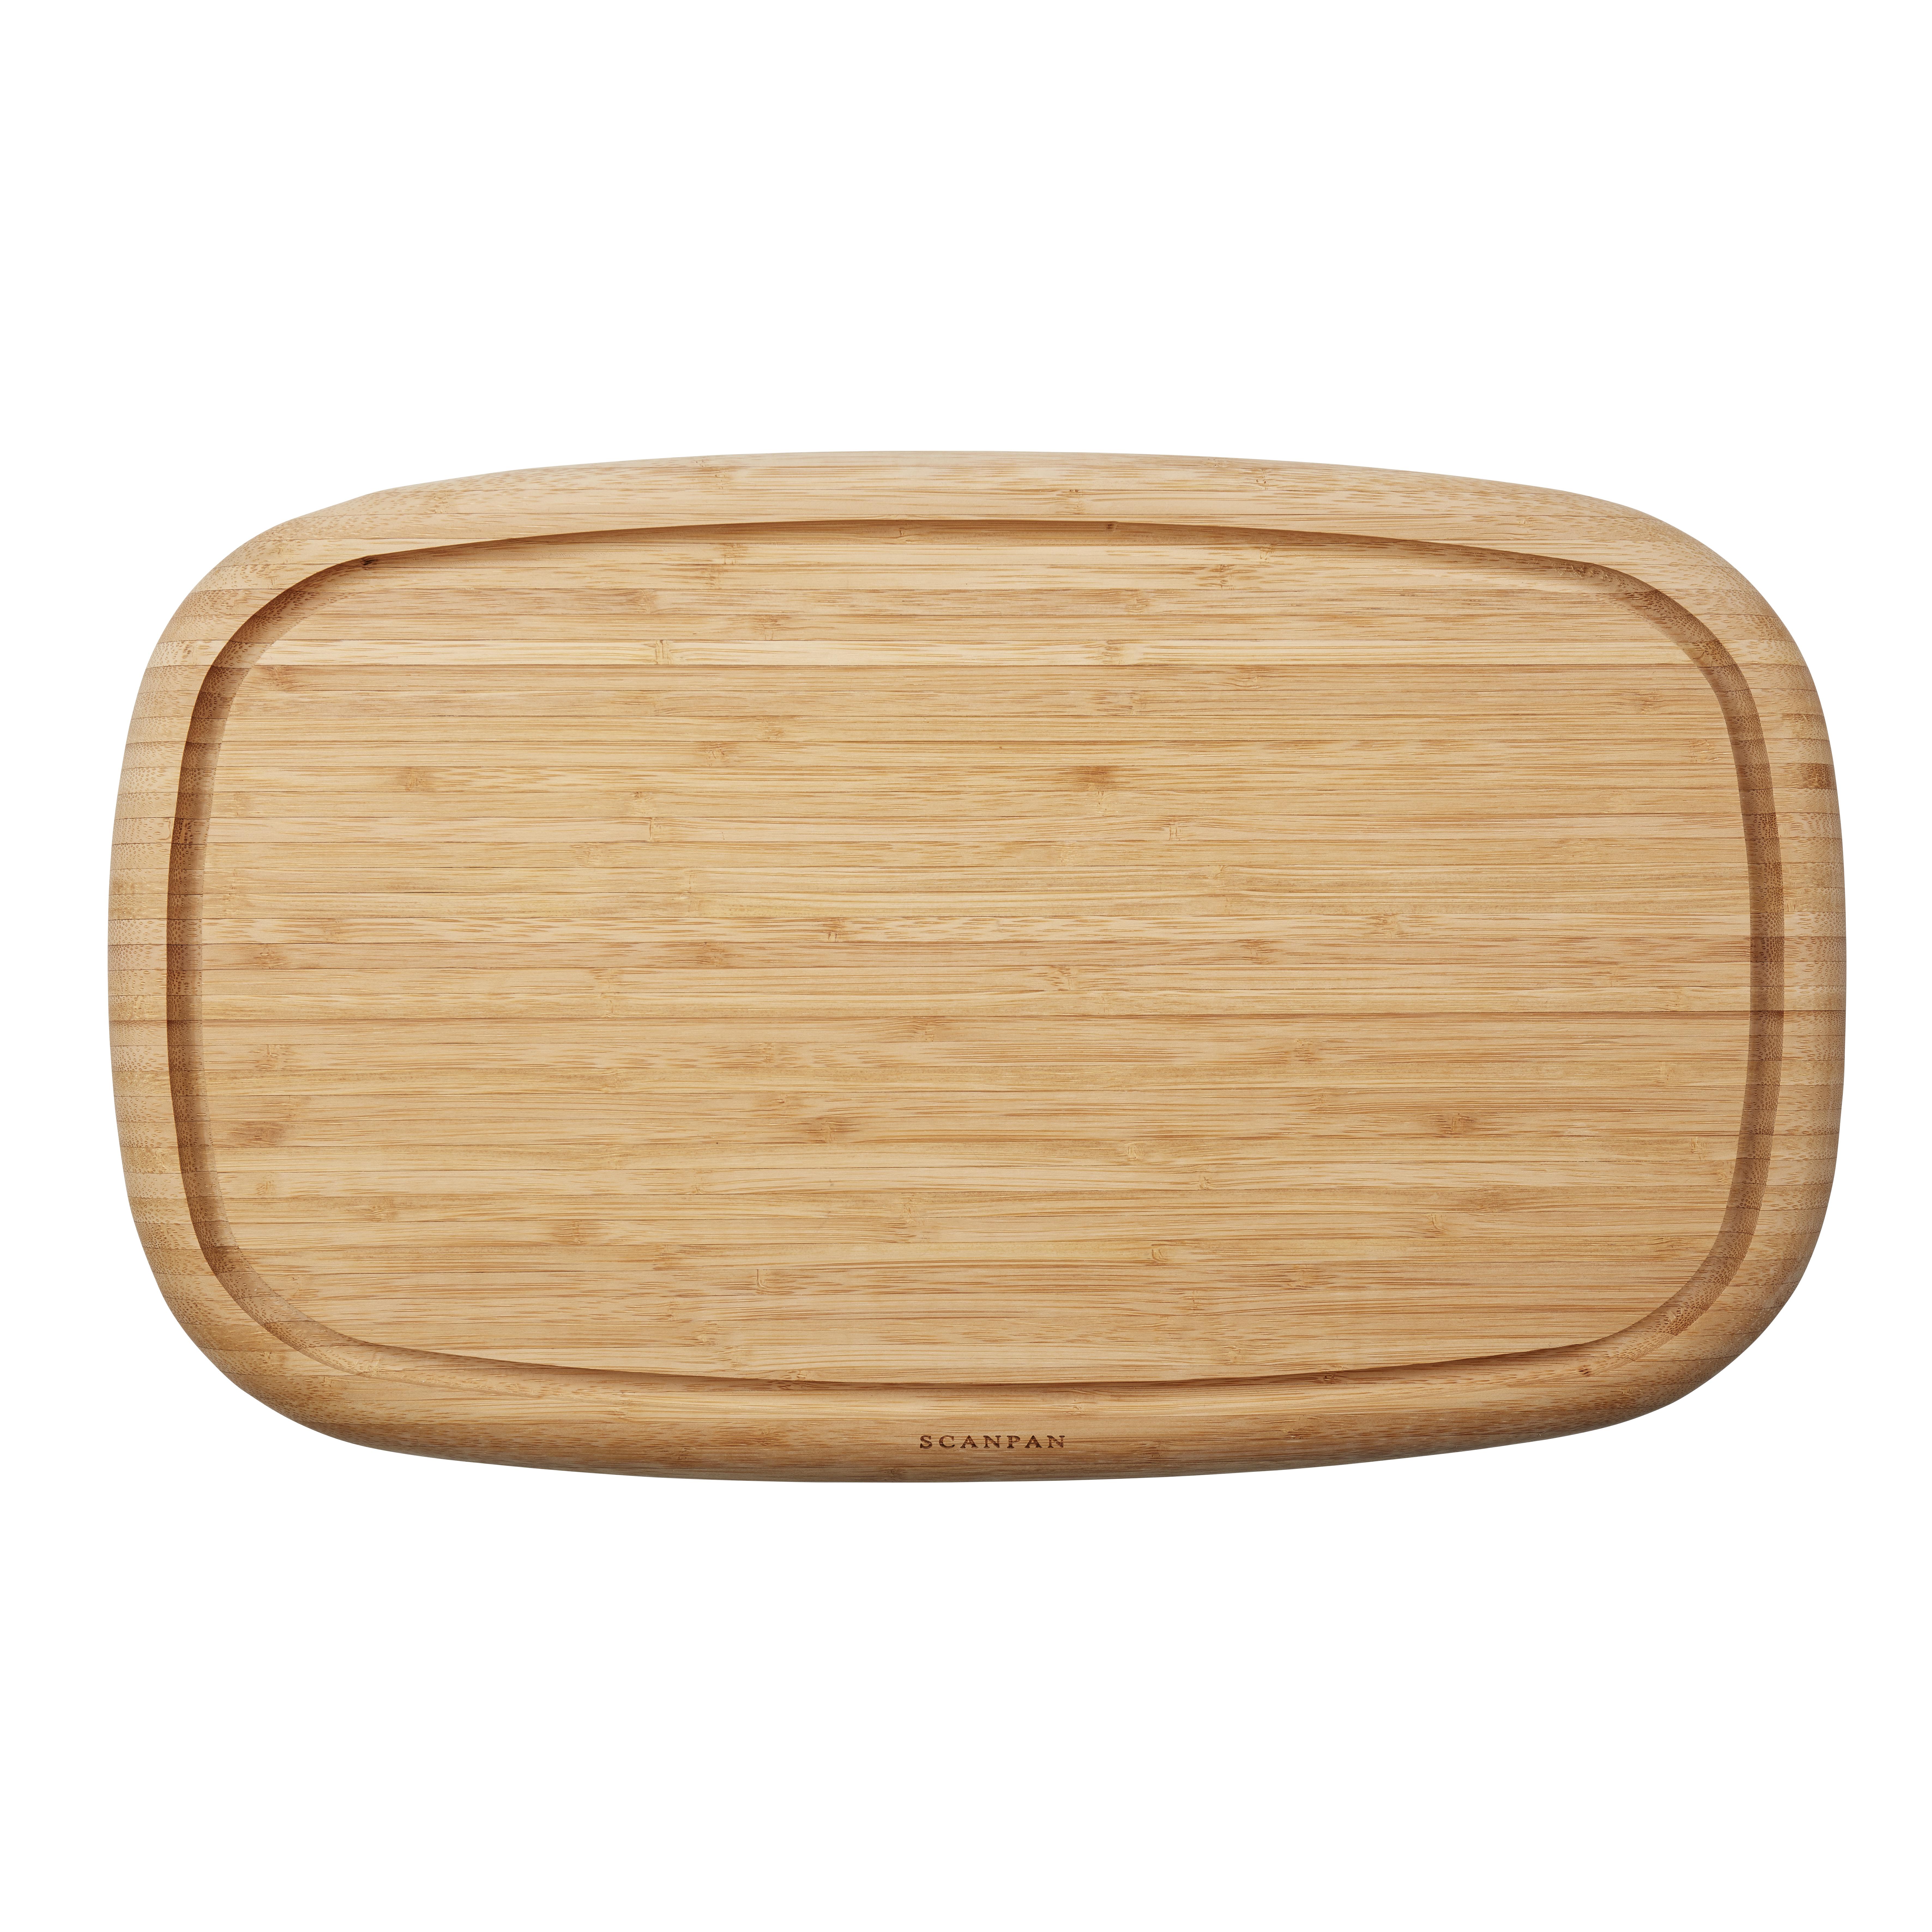 50x30 cmChop.Board-Classic, 50 x 30 x 4 cm